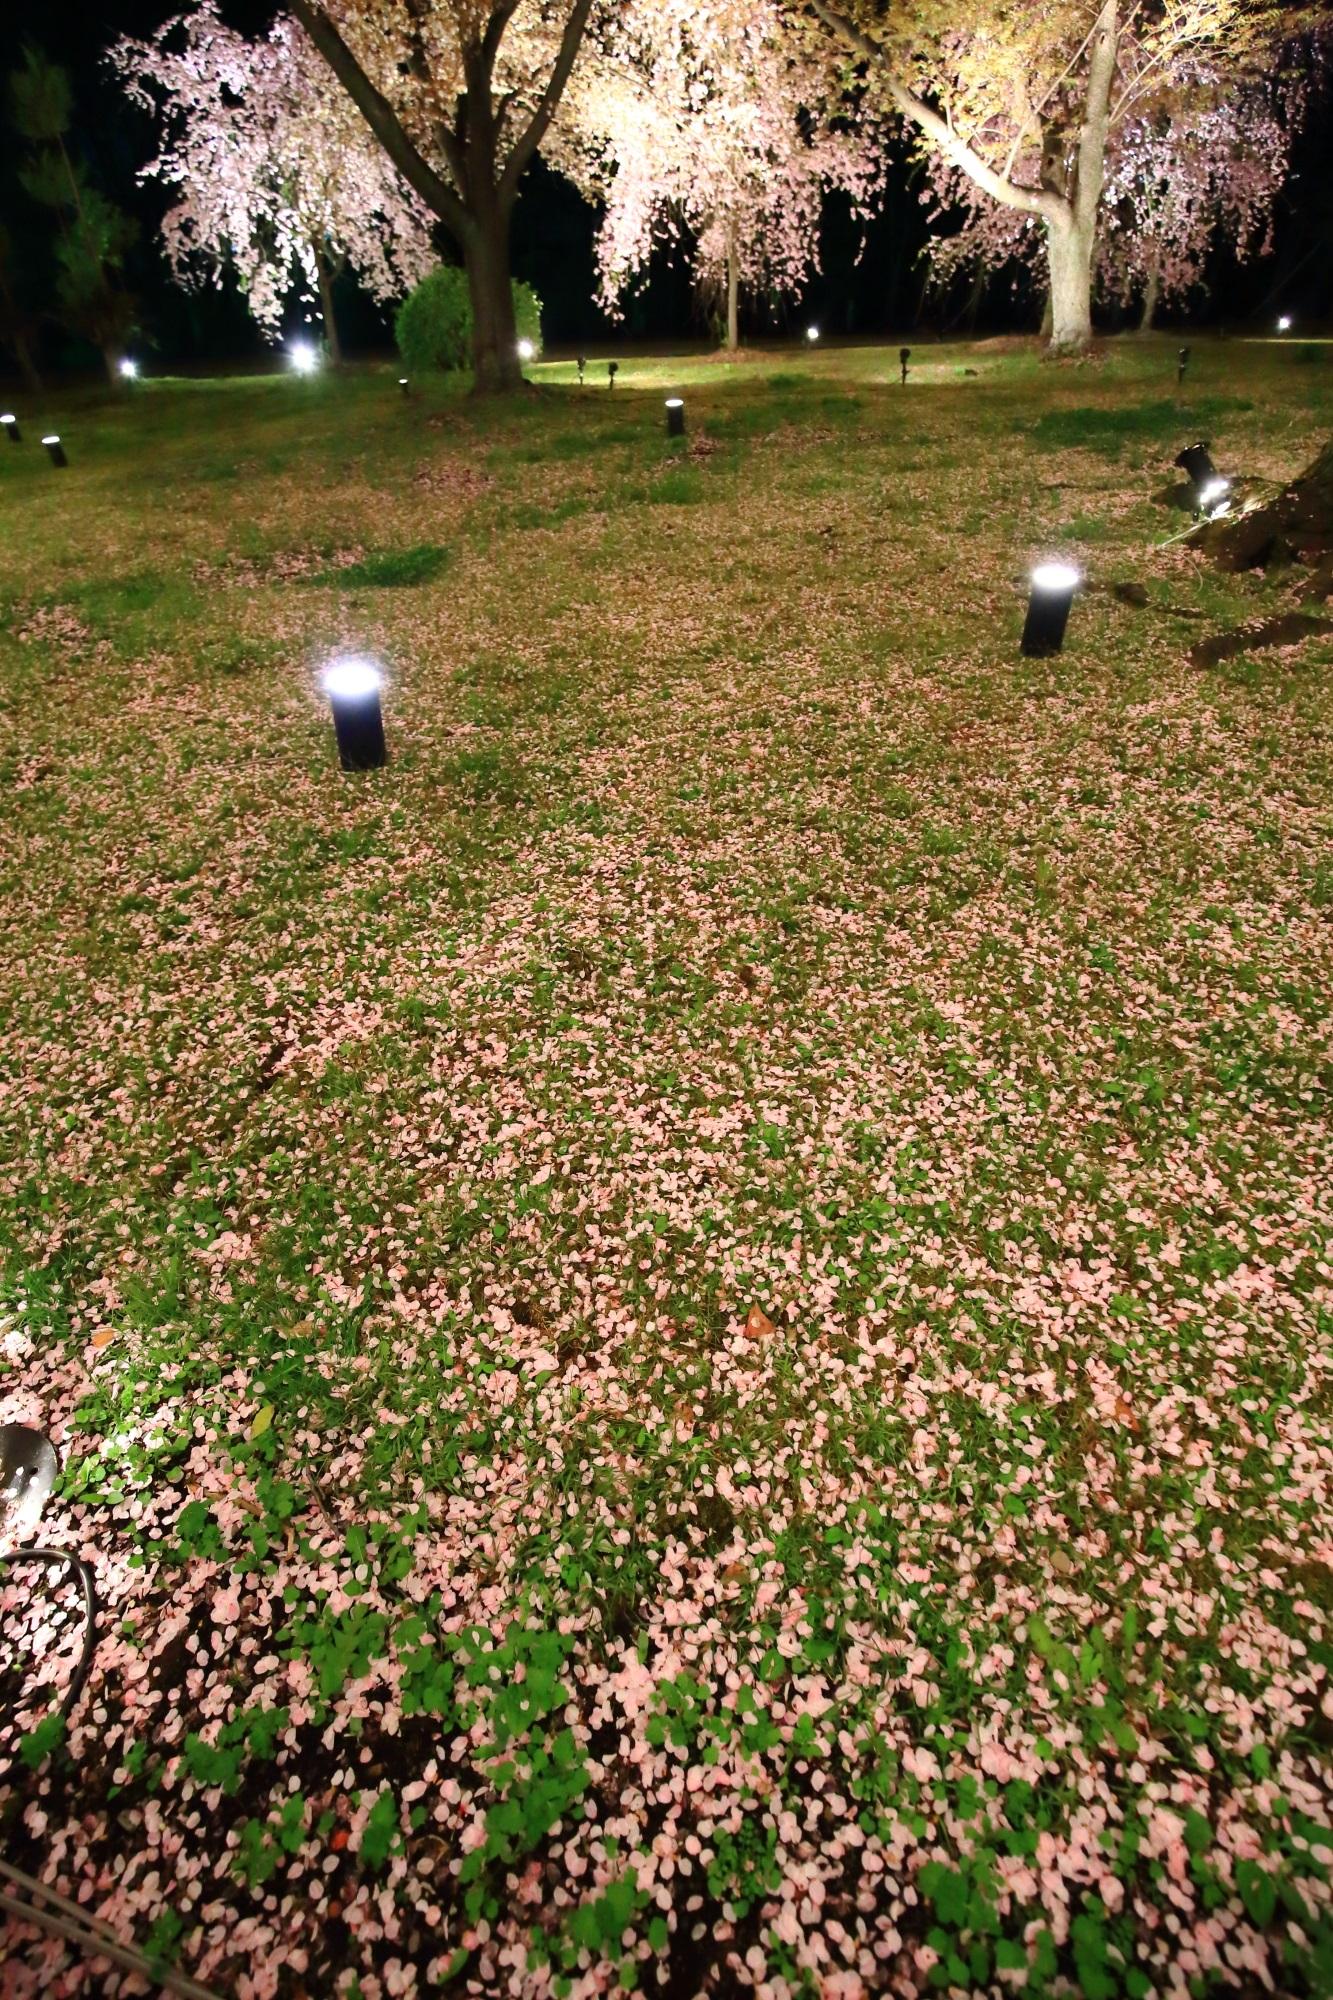 緑の芝生を覆う華やかなピンクの桜の絨毯